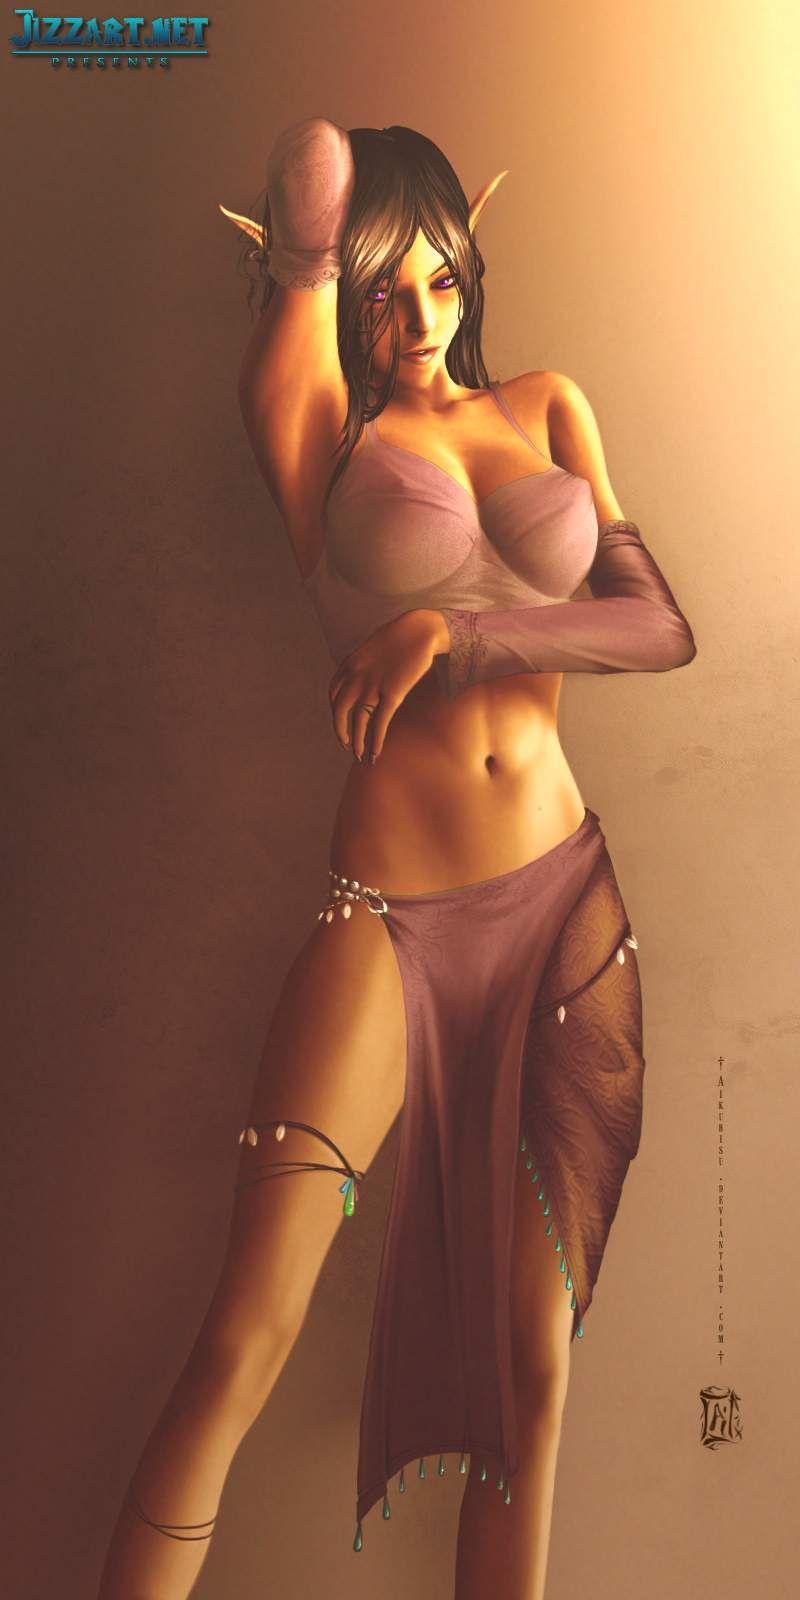 Art elf women fantasy